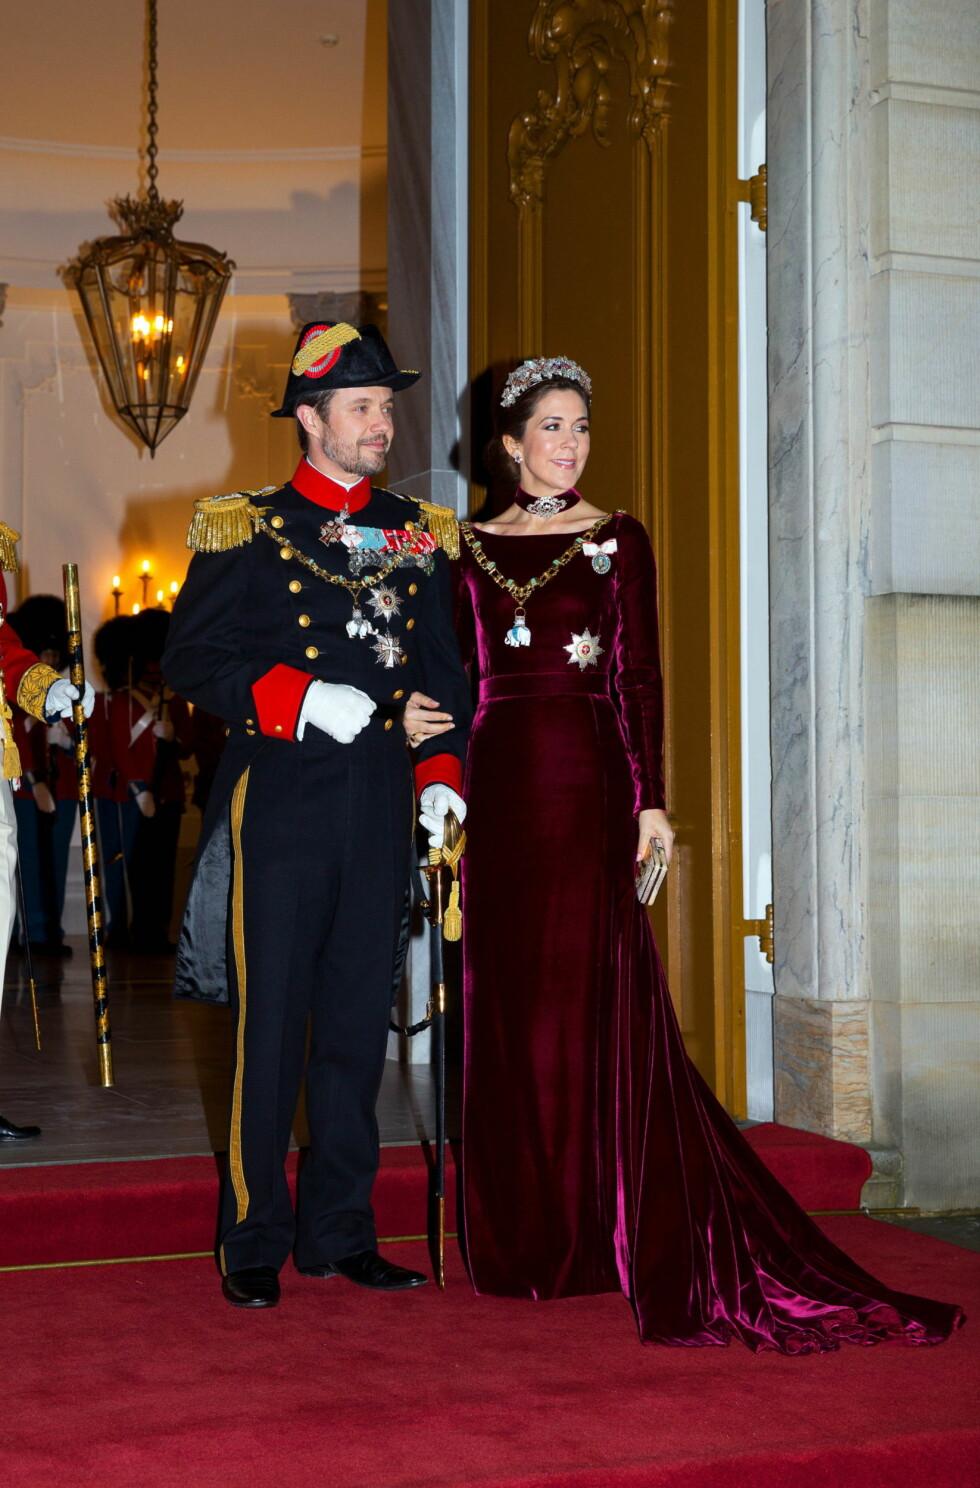 GJENBRUK: Kronprinsesse Mary var kledd i en  velurkjolen, som vi har sett flere ganger tidligere.  Foto: All Over Press